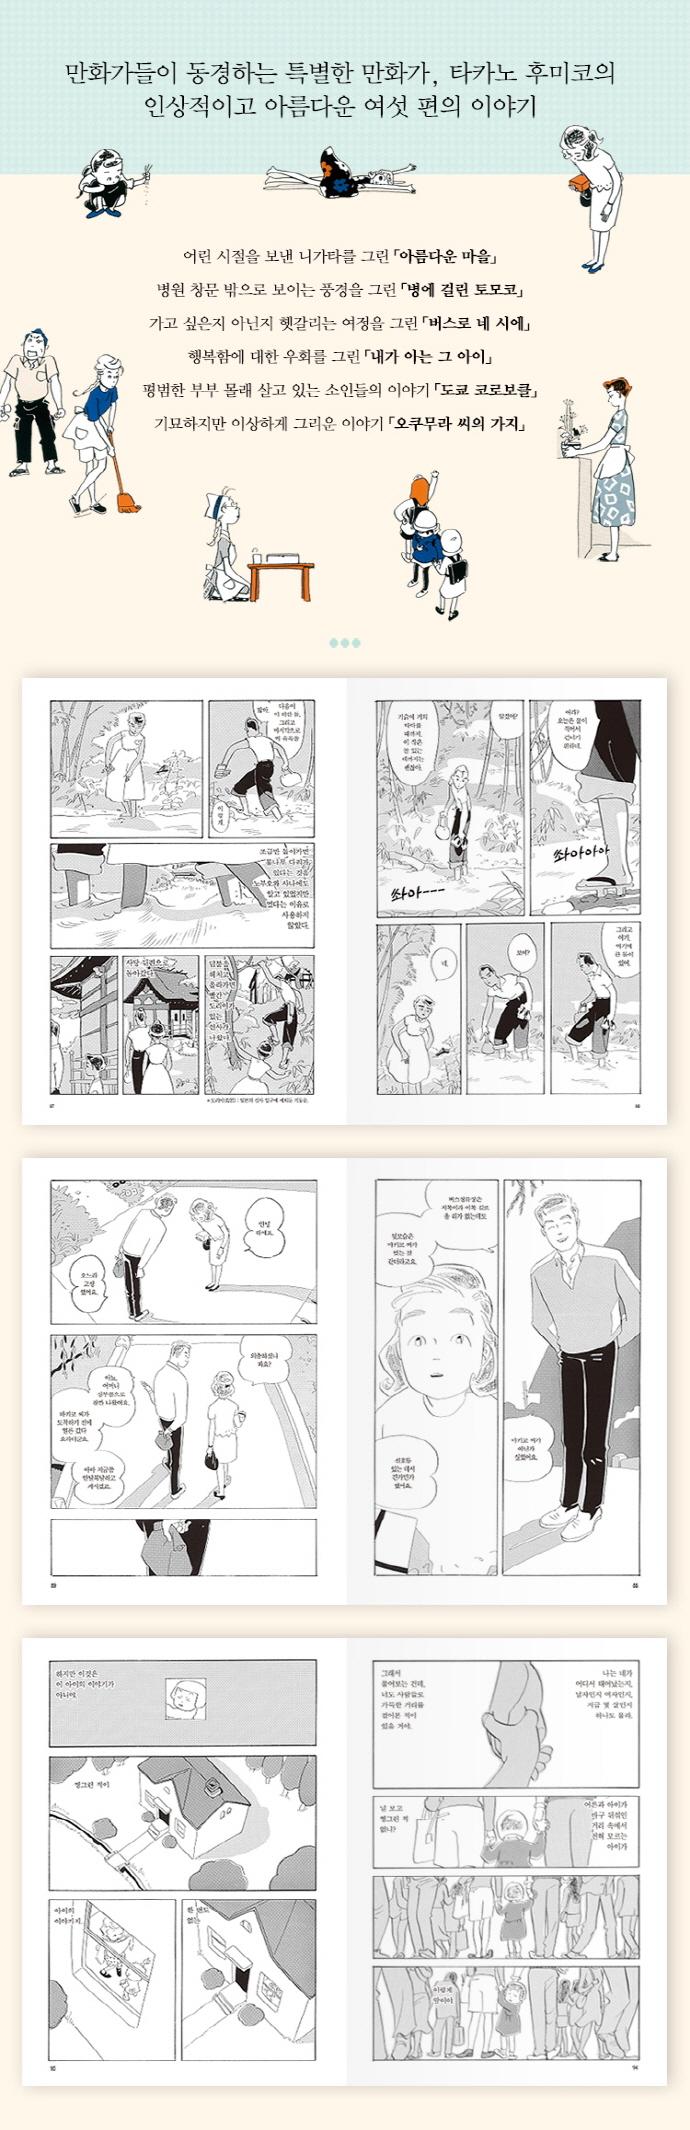 막대가 하나(북스토리 아트코믹스 시리즈 5)(양장본 HardCover) 도서 상세이미지